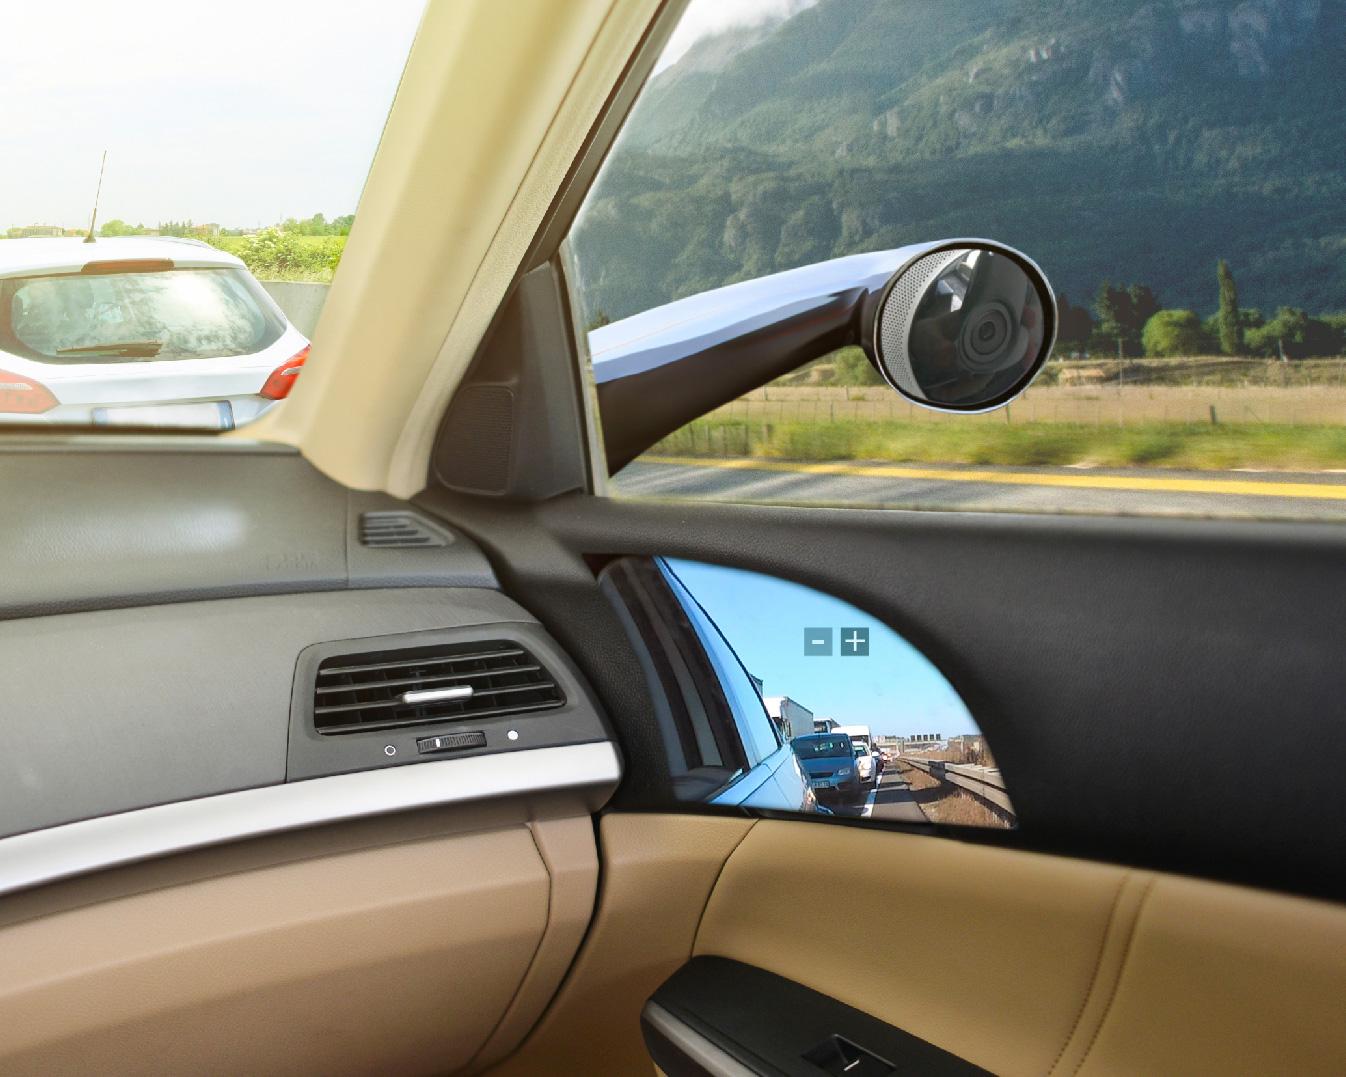 車用攝影鏡頭驗證測試